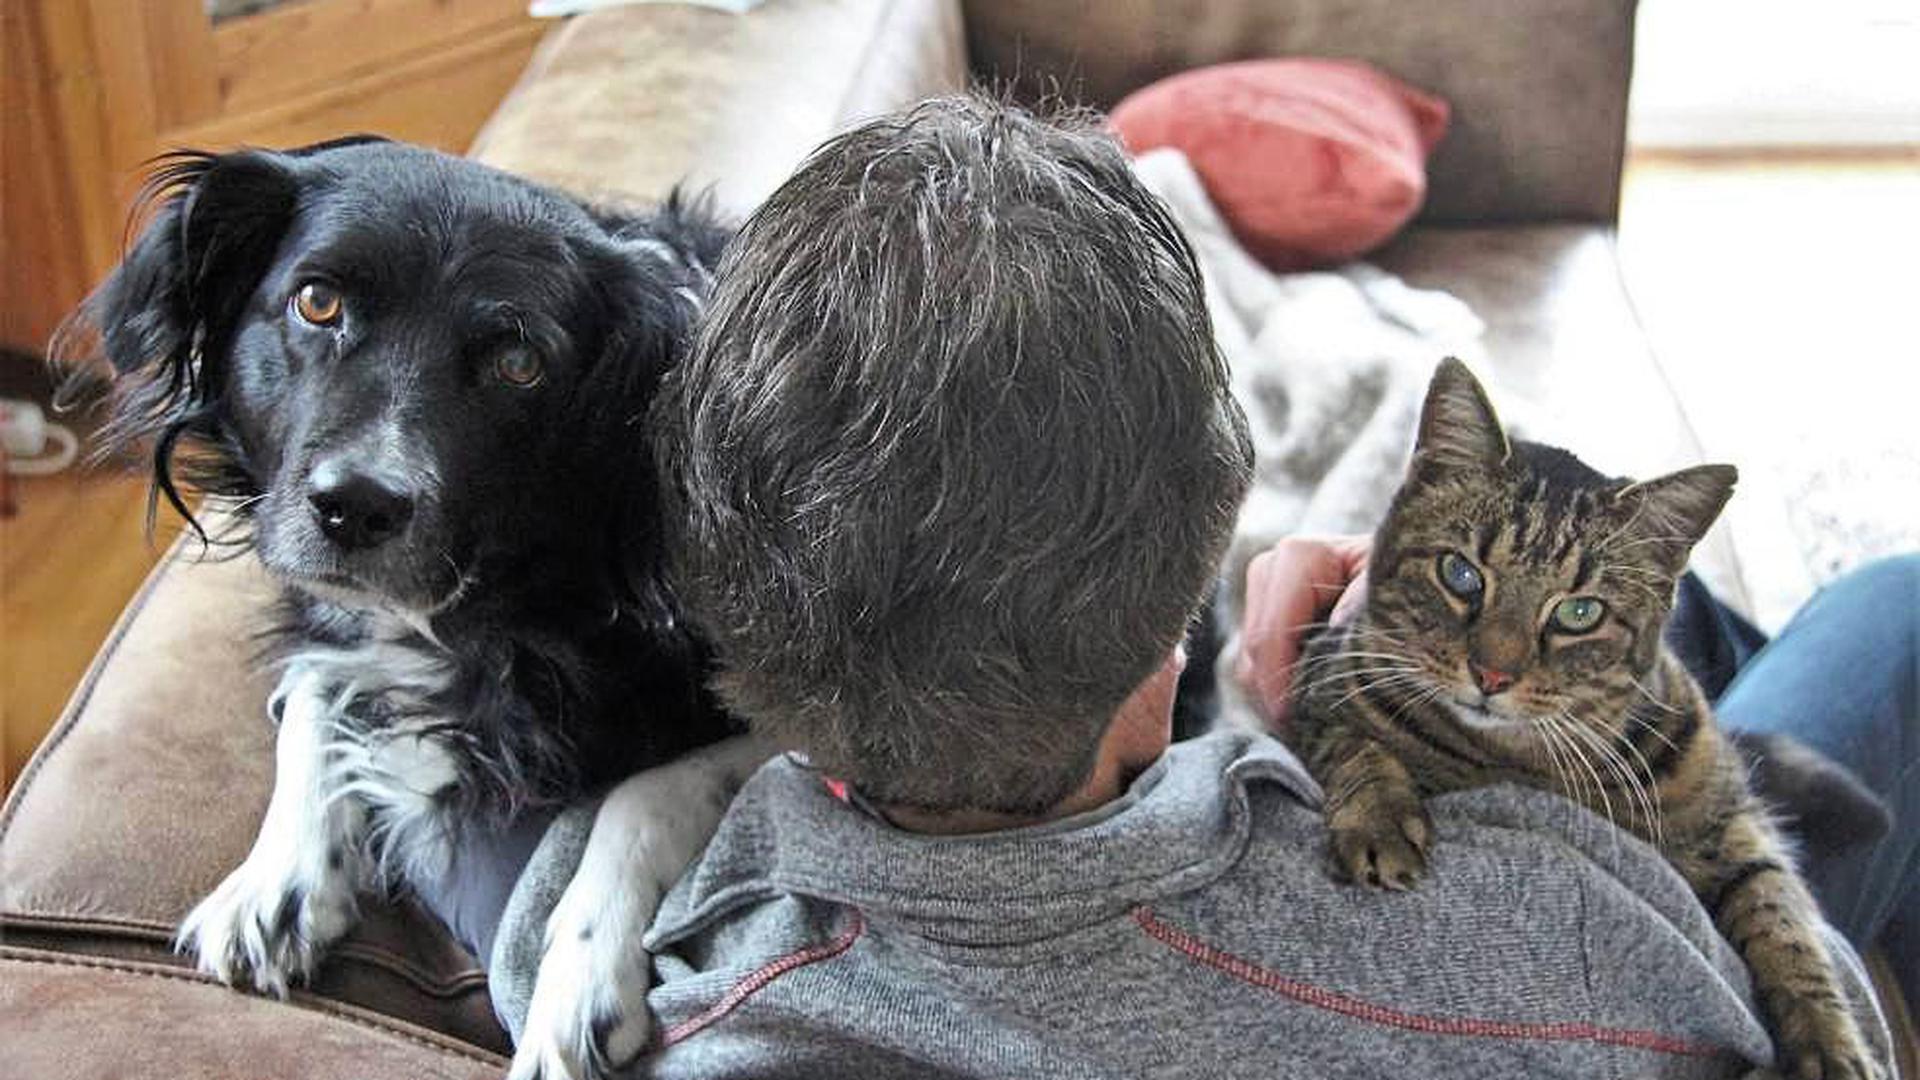 Kuscheln mit Hund und Katz' ist auch in Corona-Zeiten erlaubt. Tiere können sogar helfen, die schwere Zeit besser zu überstehen.